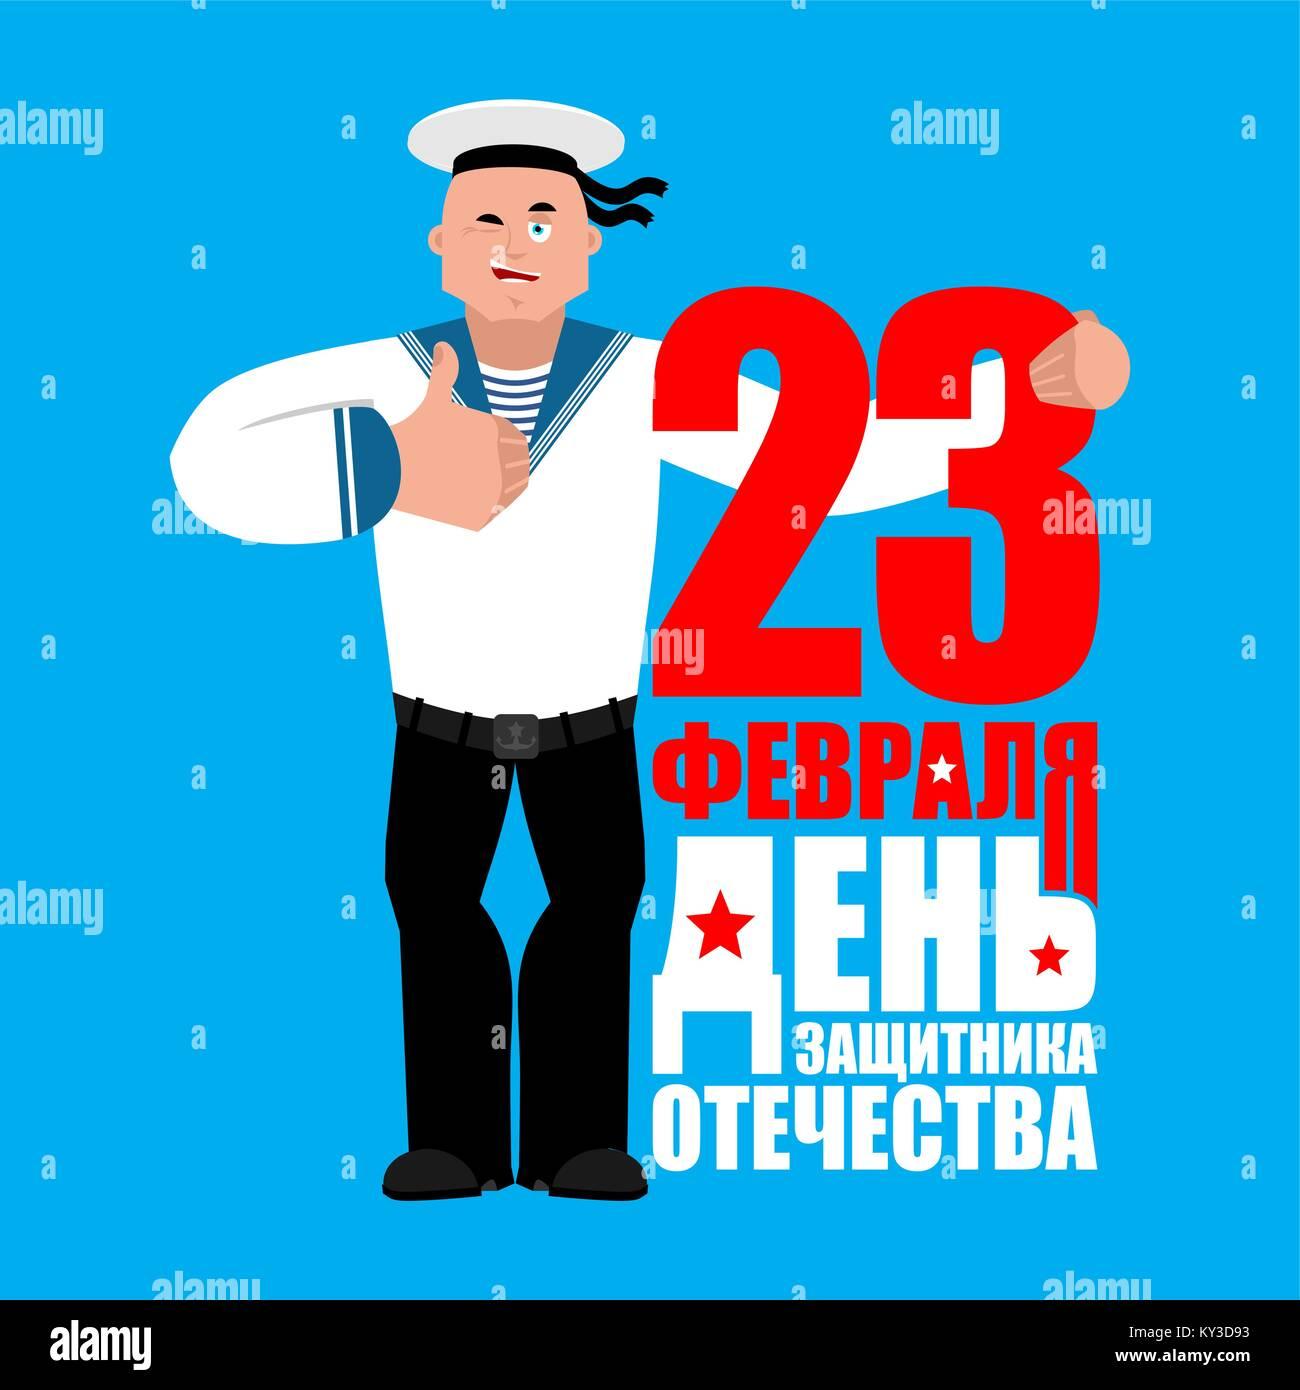 Картинка 23 февраля день защитника отечества прикольные моряку